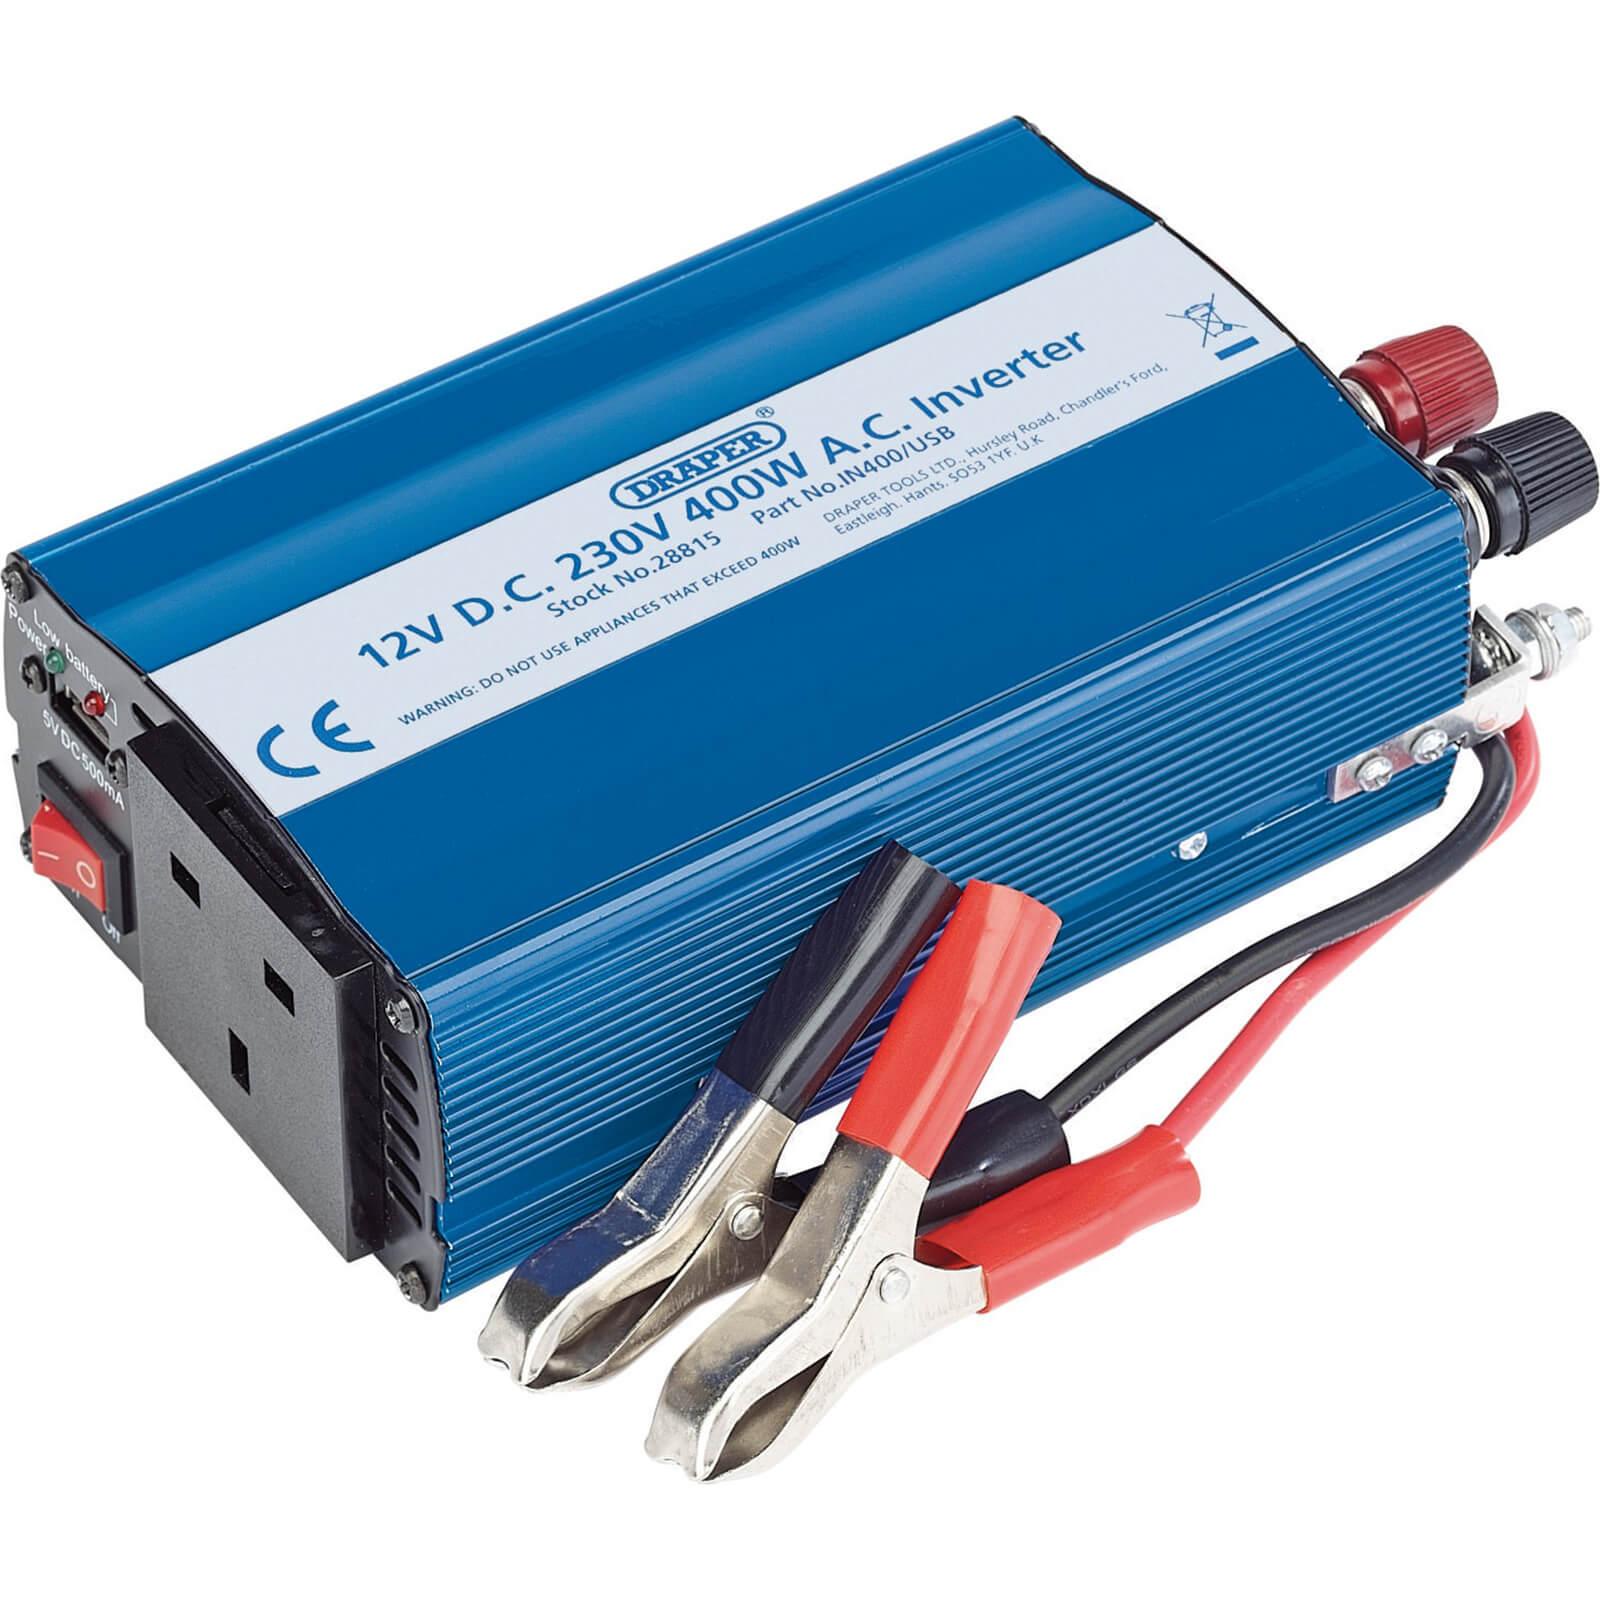 Draper IN400/USB 12v DC to 240v AC Power Inverter